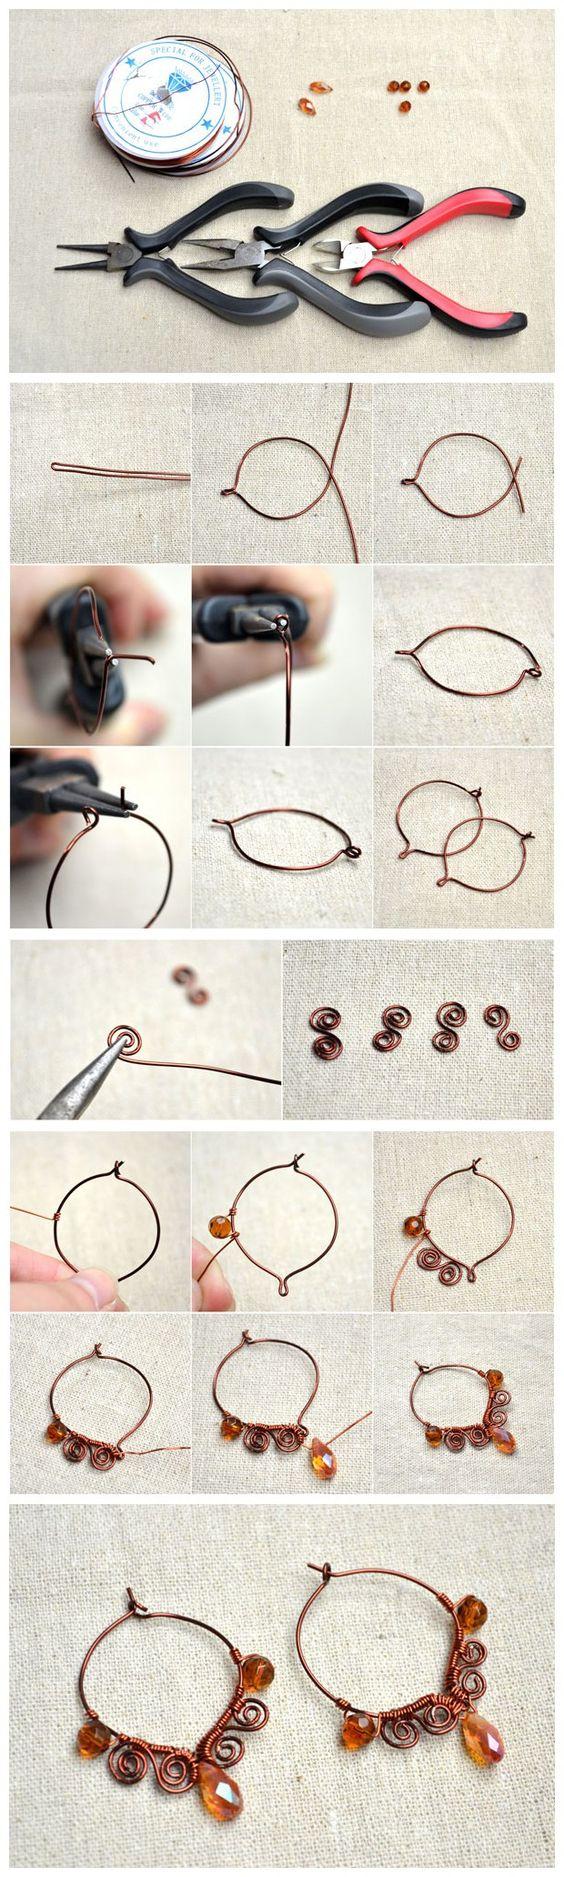 как сделать сережки из проволоки и бусин